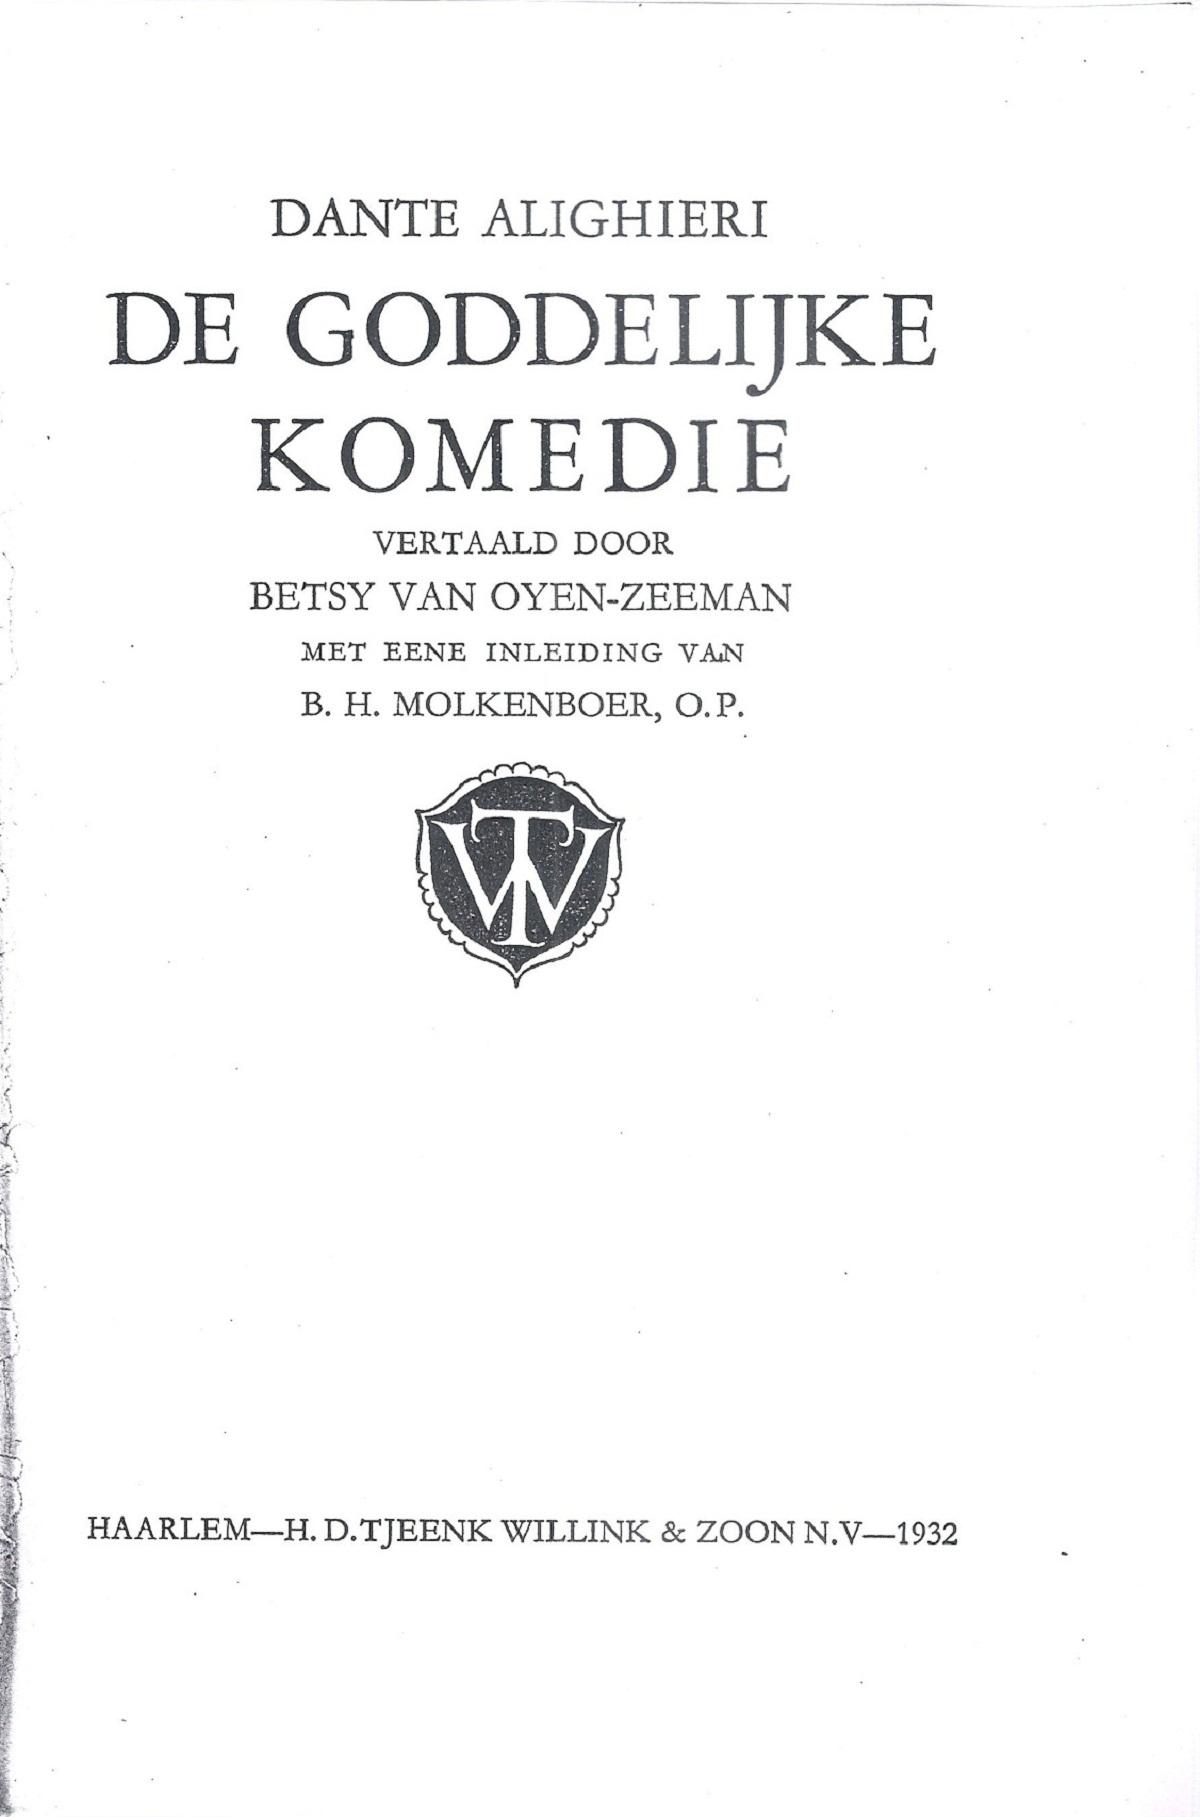 Van Oyen-Zeeman – 1932